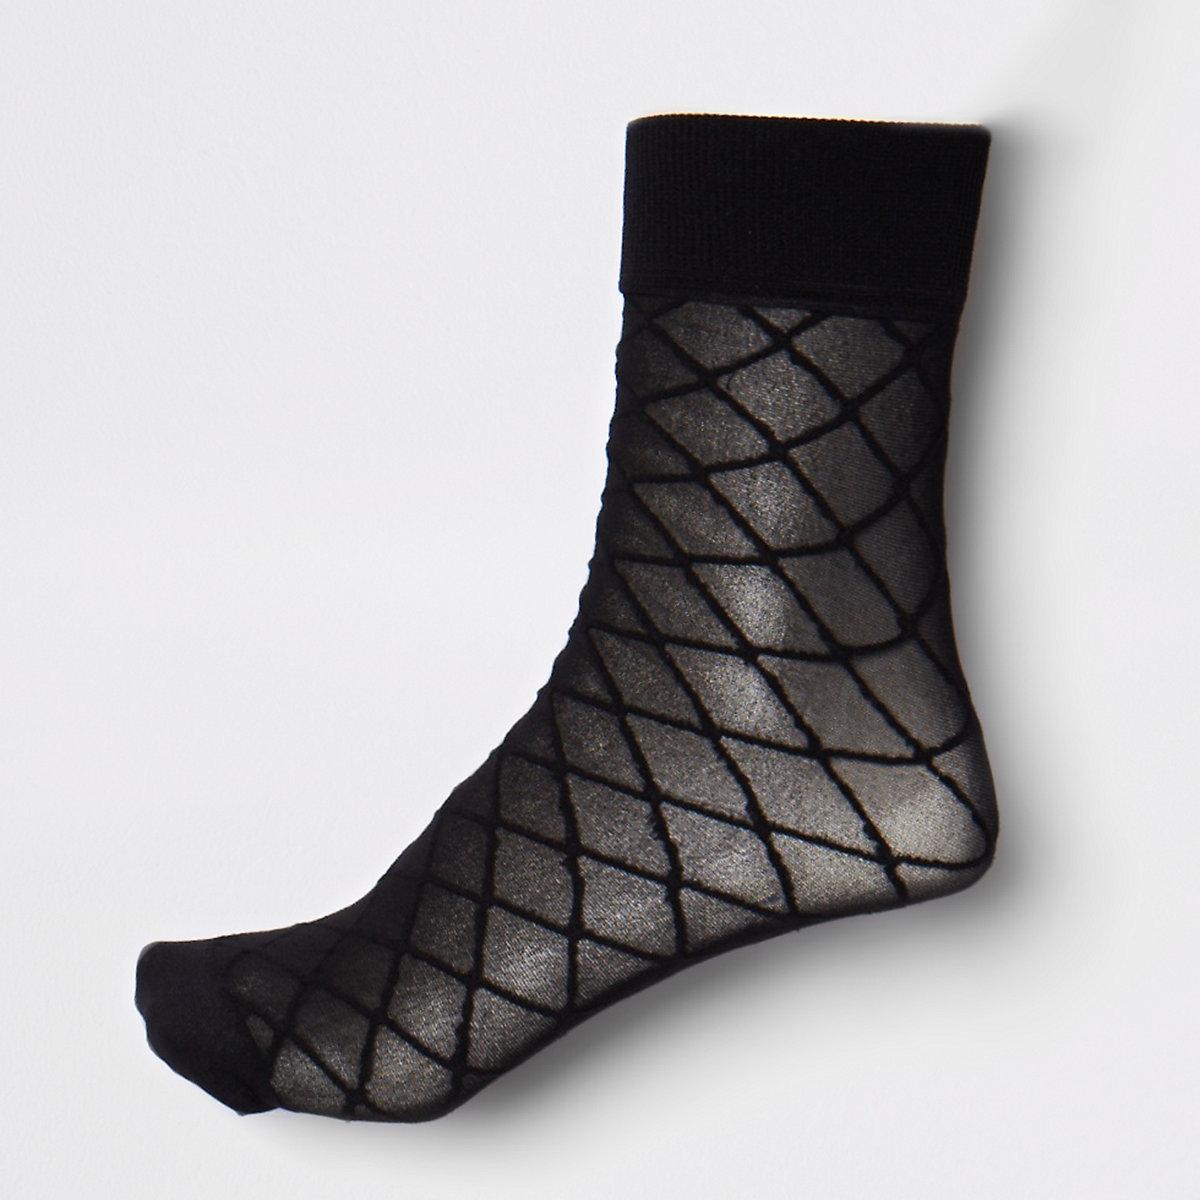 Black diamond pattern ankle socks